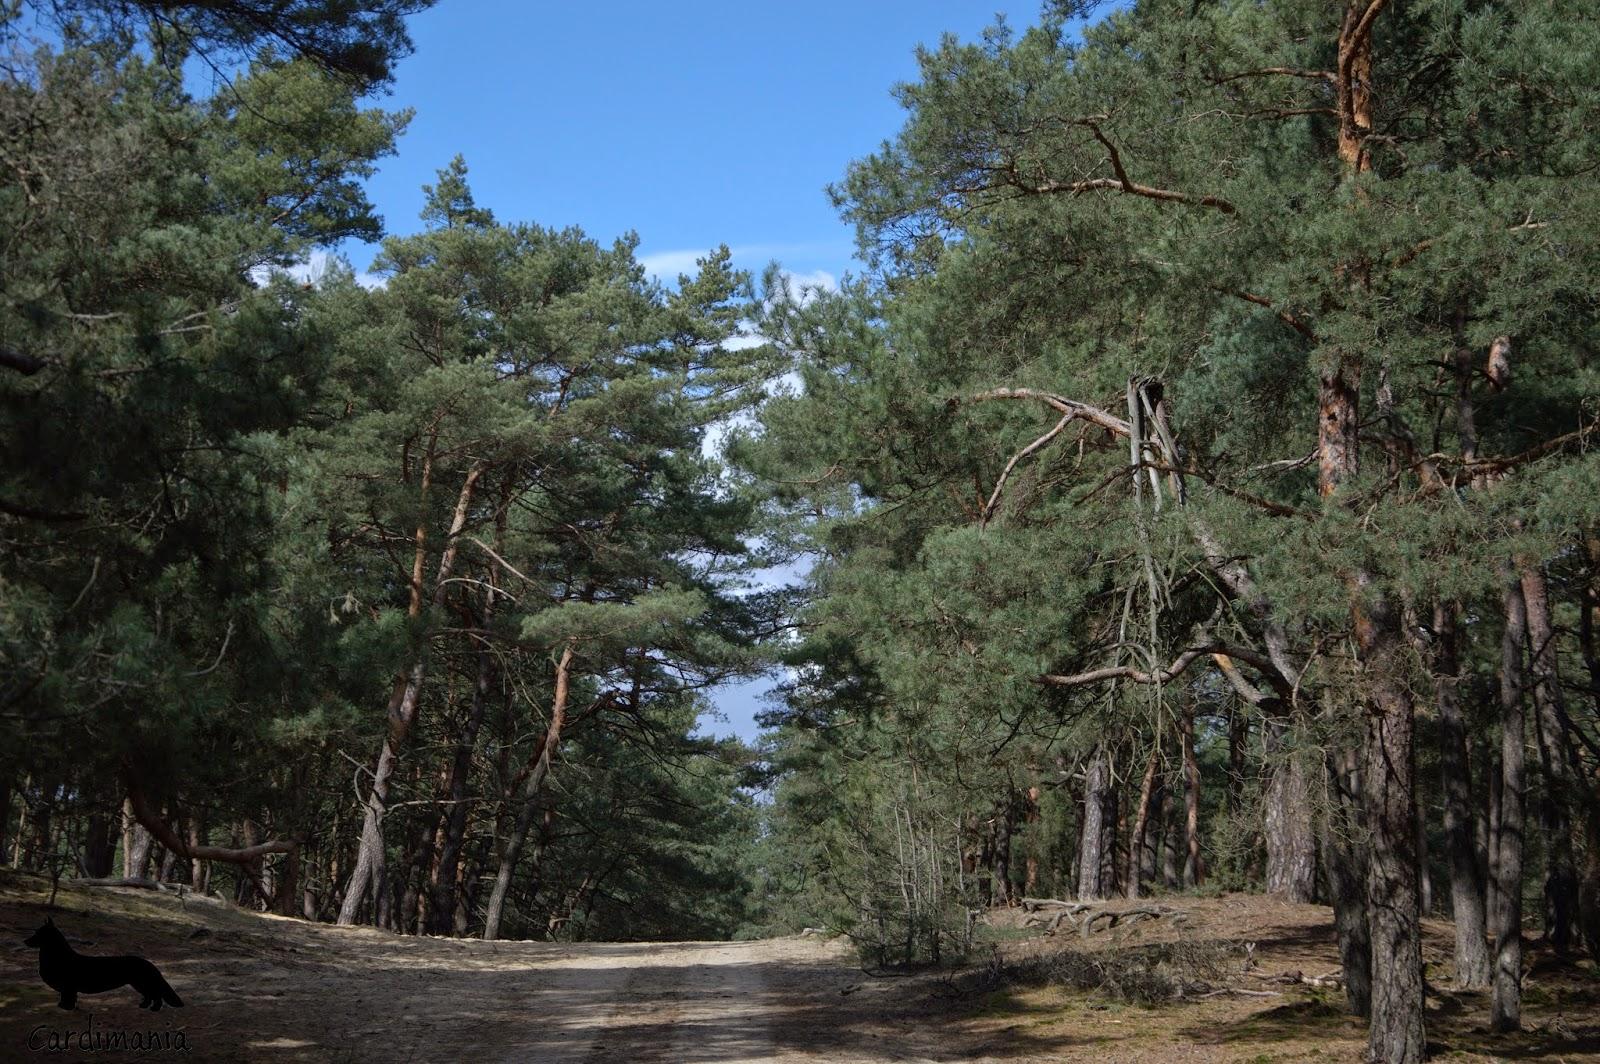 Yuma, yuma w lesie, las, spacer, słońce, zabawa, gonitwa, łoś, welsh corgi, welsh corgi cardigan, corgi, cardigan, pies, pies w lesie, zabawa, spacer po lesie, spacer po Kampinosie